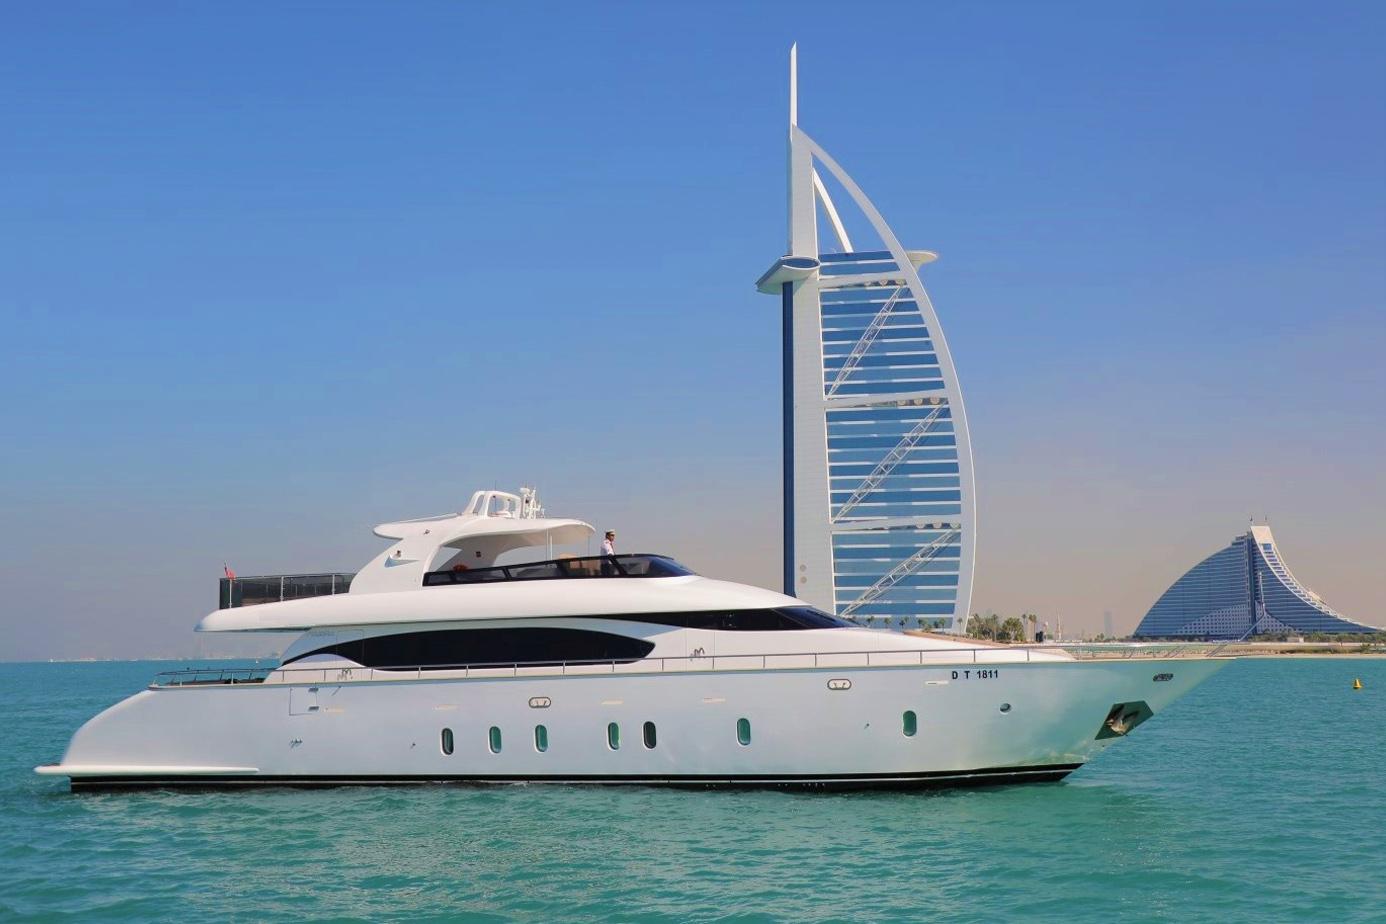 96 Ft - Maiora - Versace Yacht